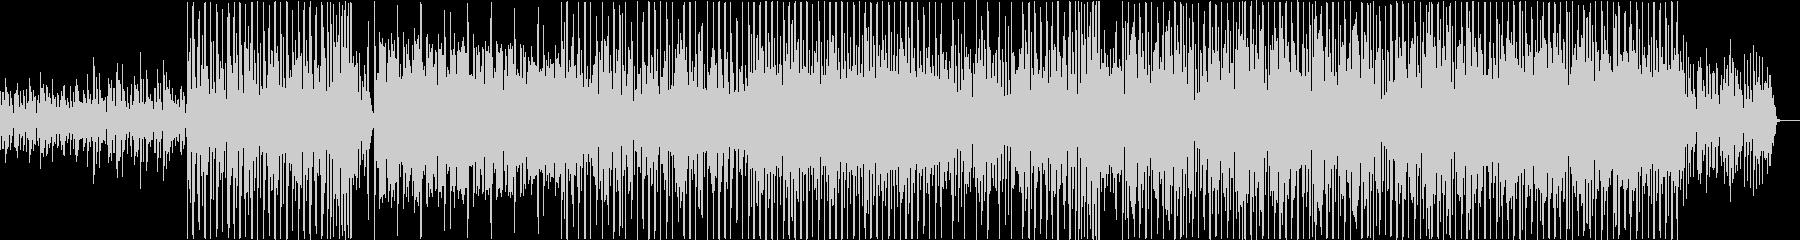 和風エレクトロニックGlitchHopの未再生の波形